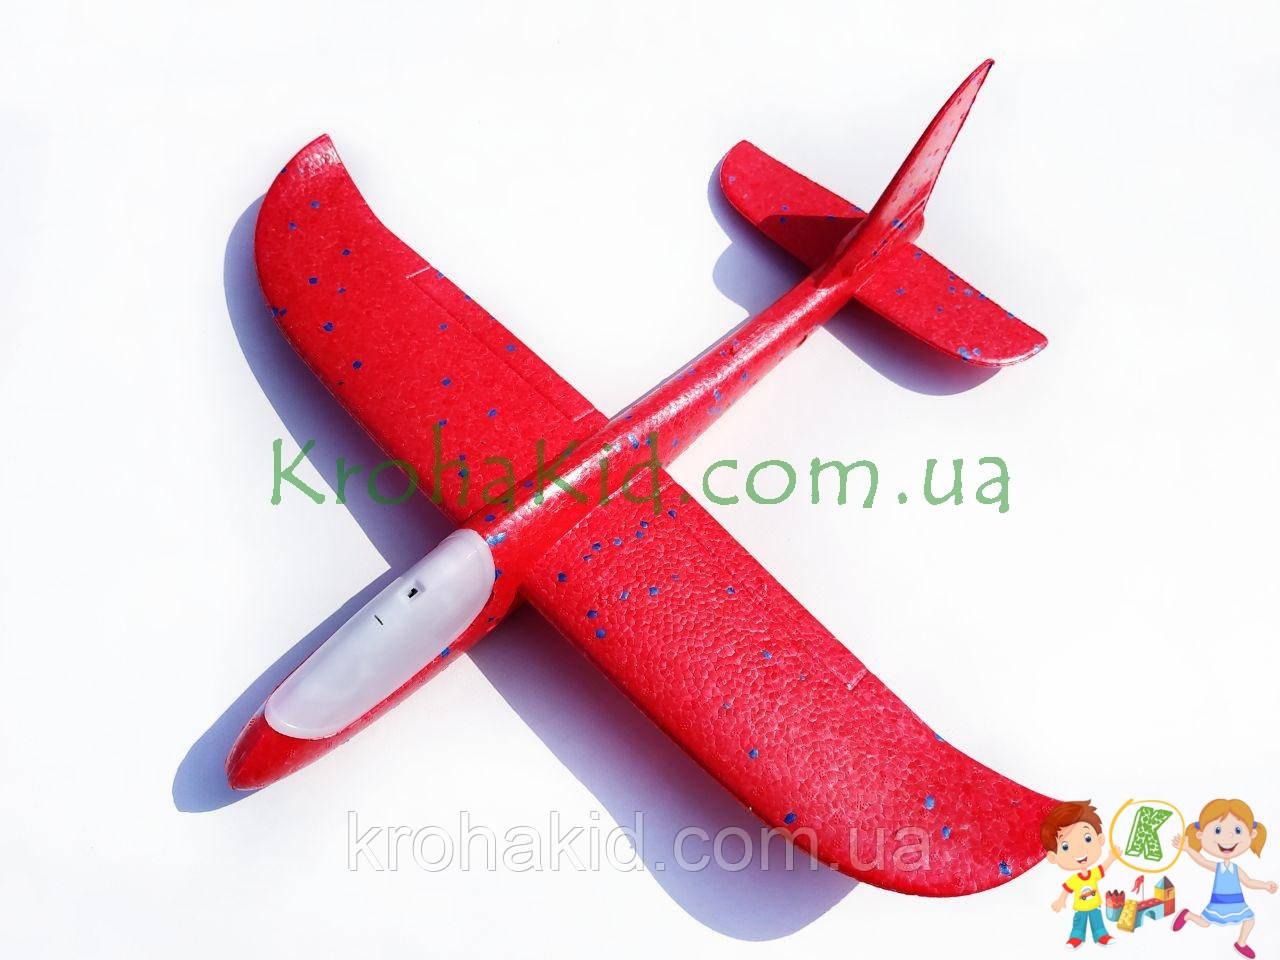 Самолёт планер метательный Explosion Y8551-49 светящийся (большой размах крыльев 49 см) Красный